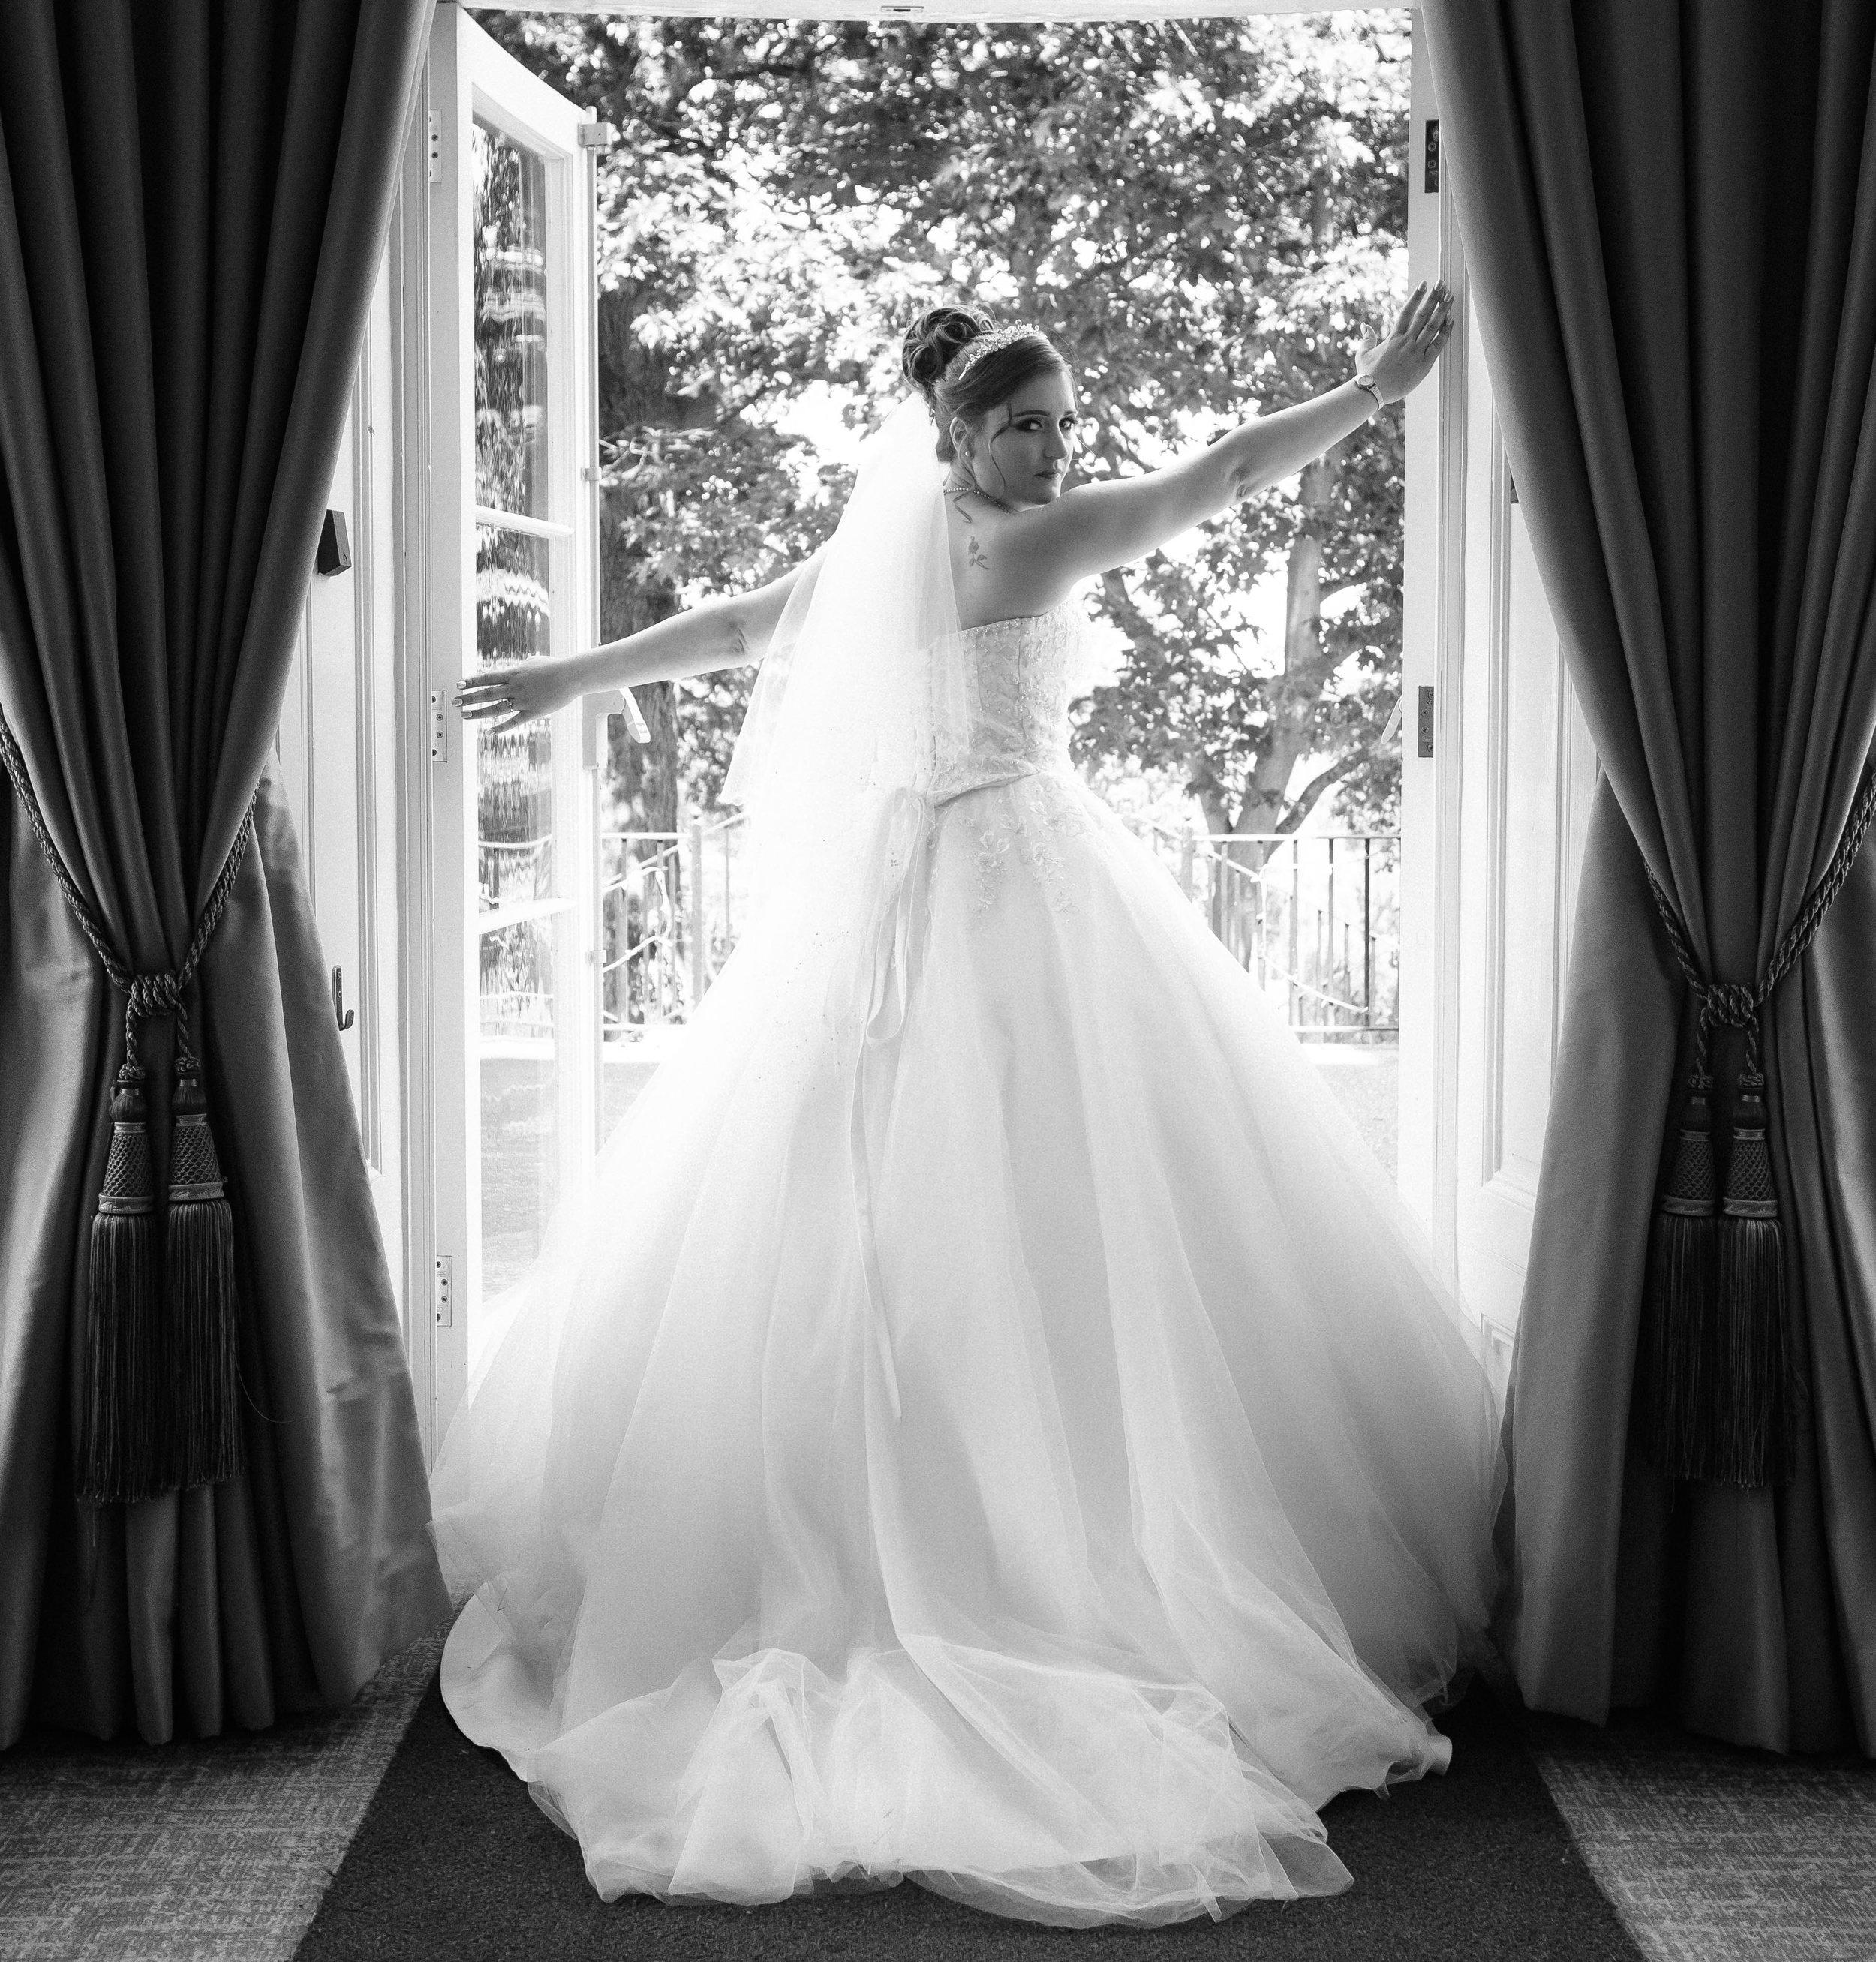 HamptonCourt-Wedding-Weybridge-Surrey-London-OatlandsParkHotel-16